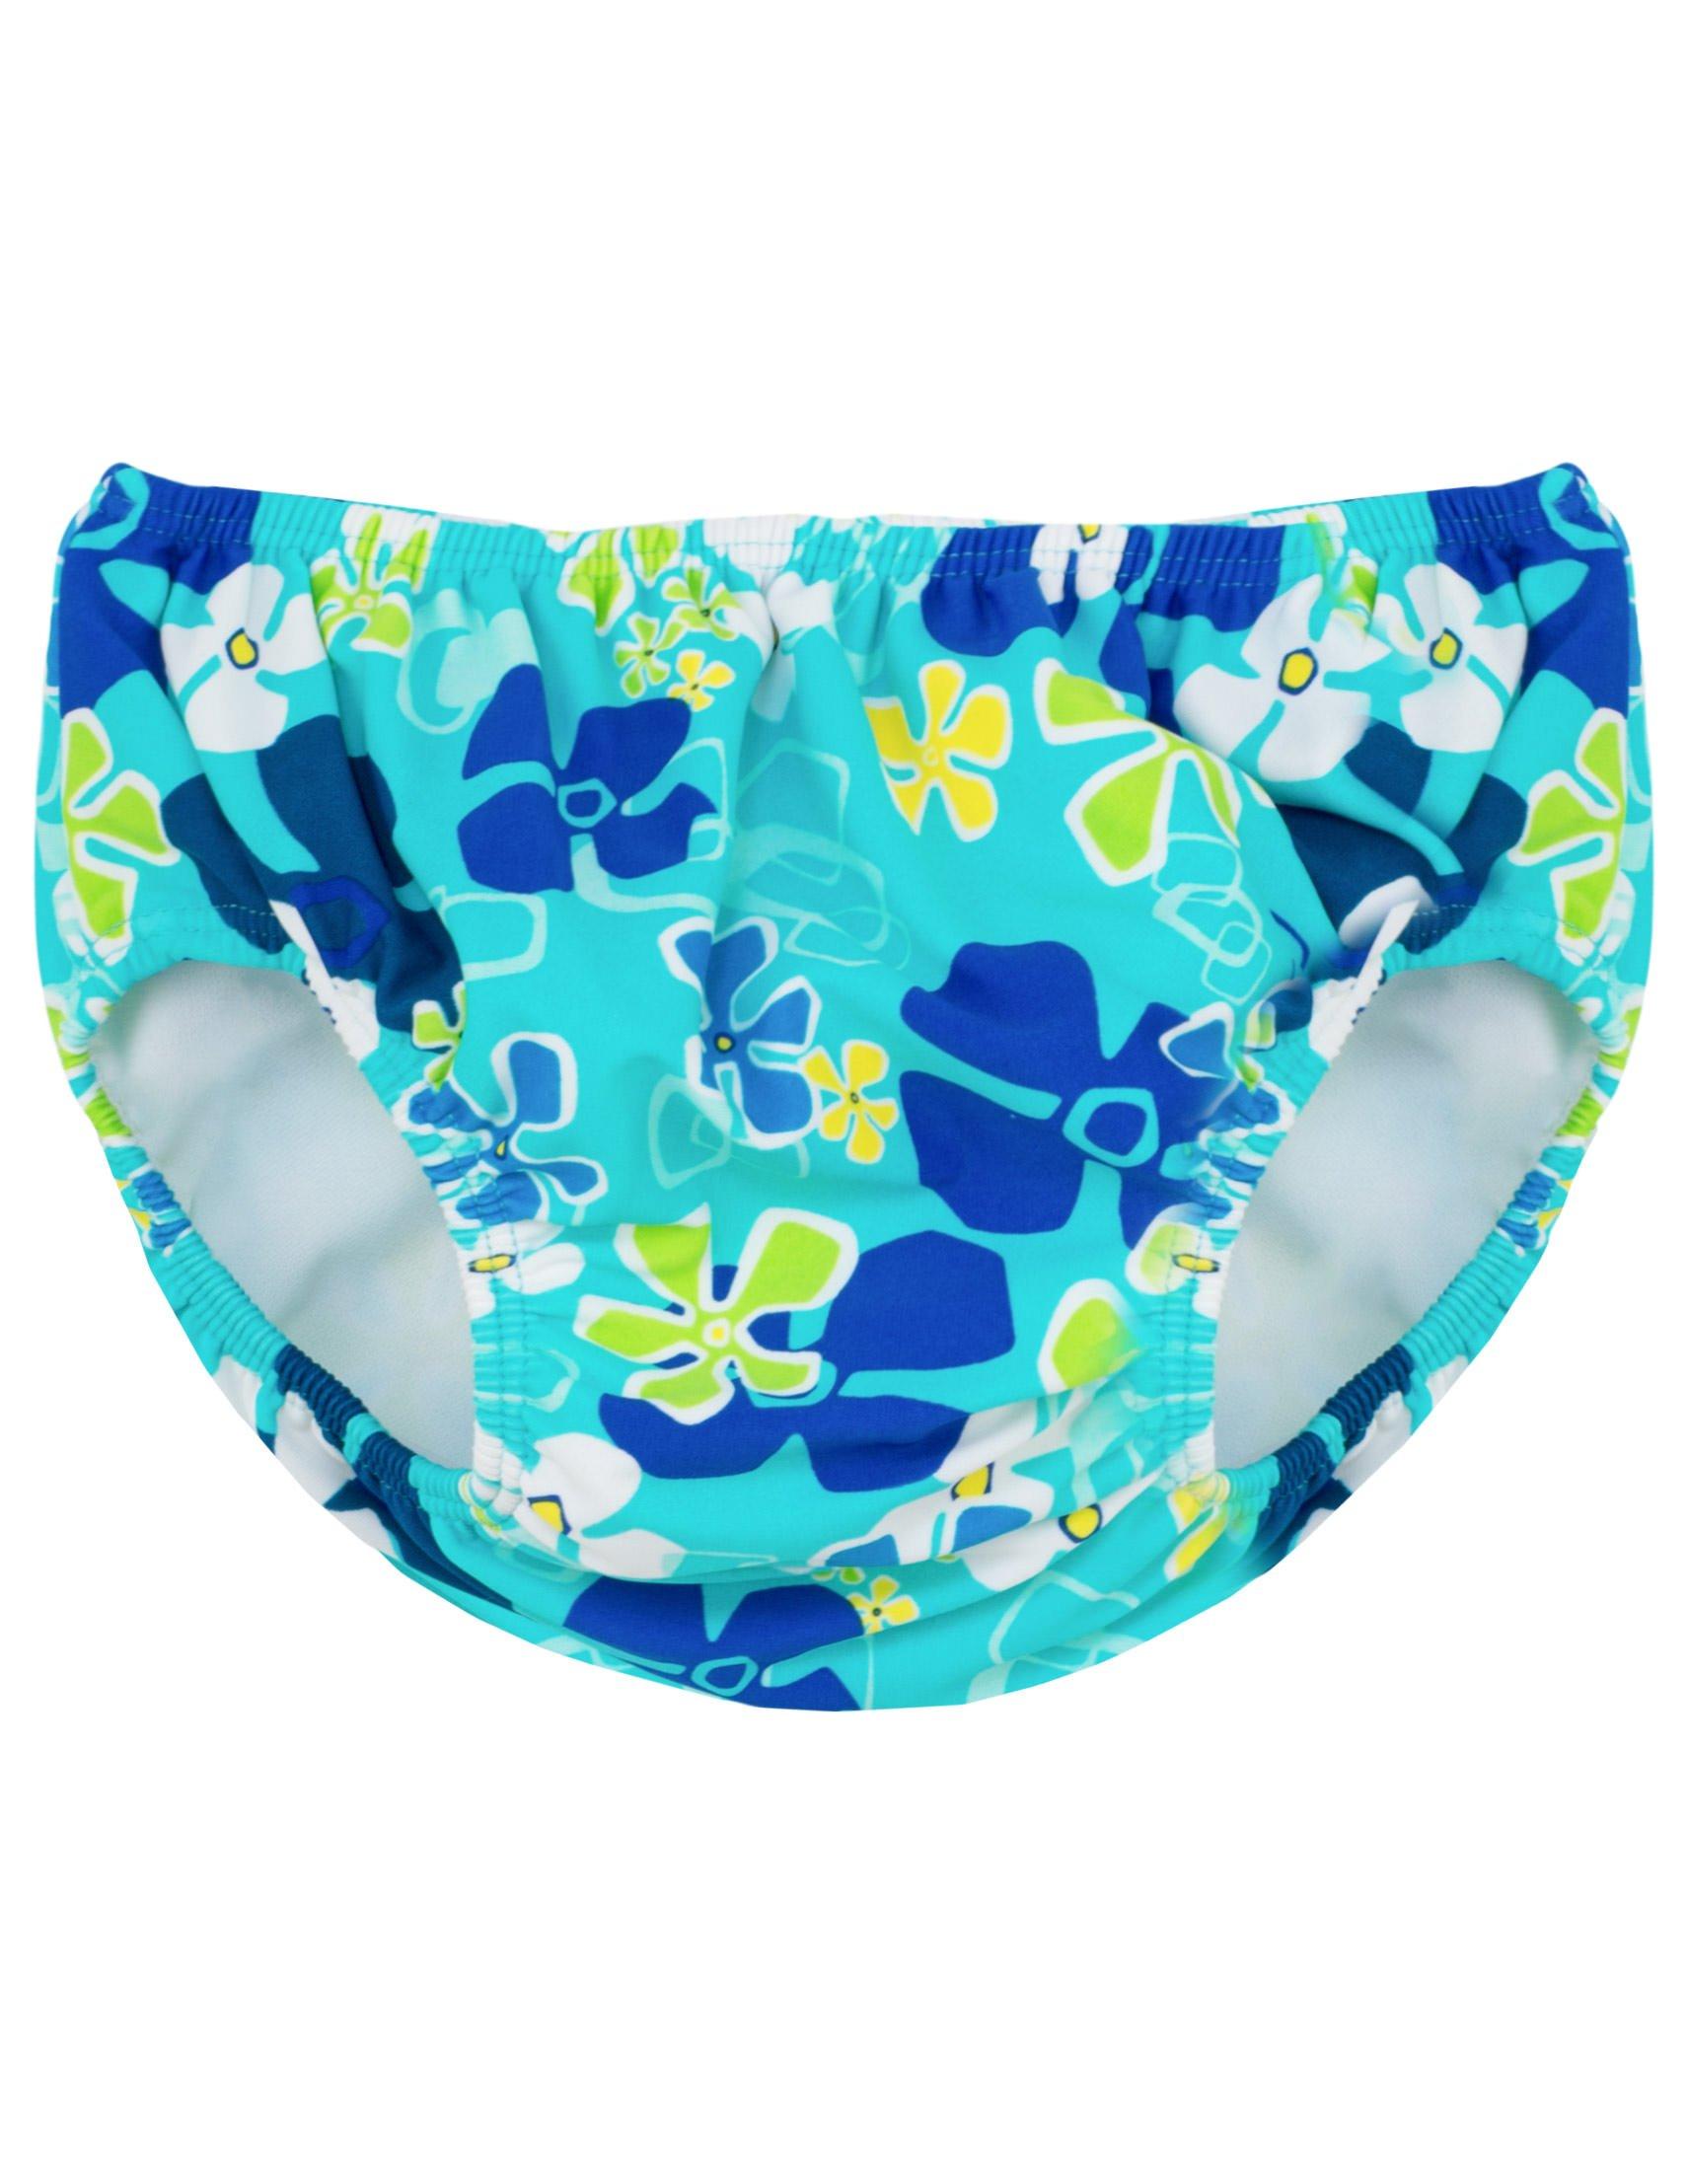 Tuga Girls Reusable Swim Diaper, Ocean, S